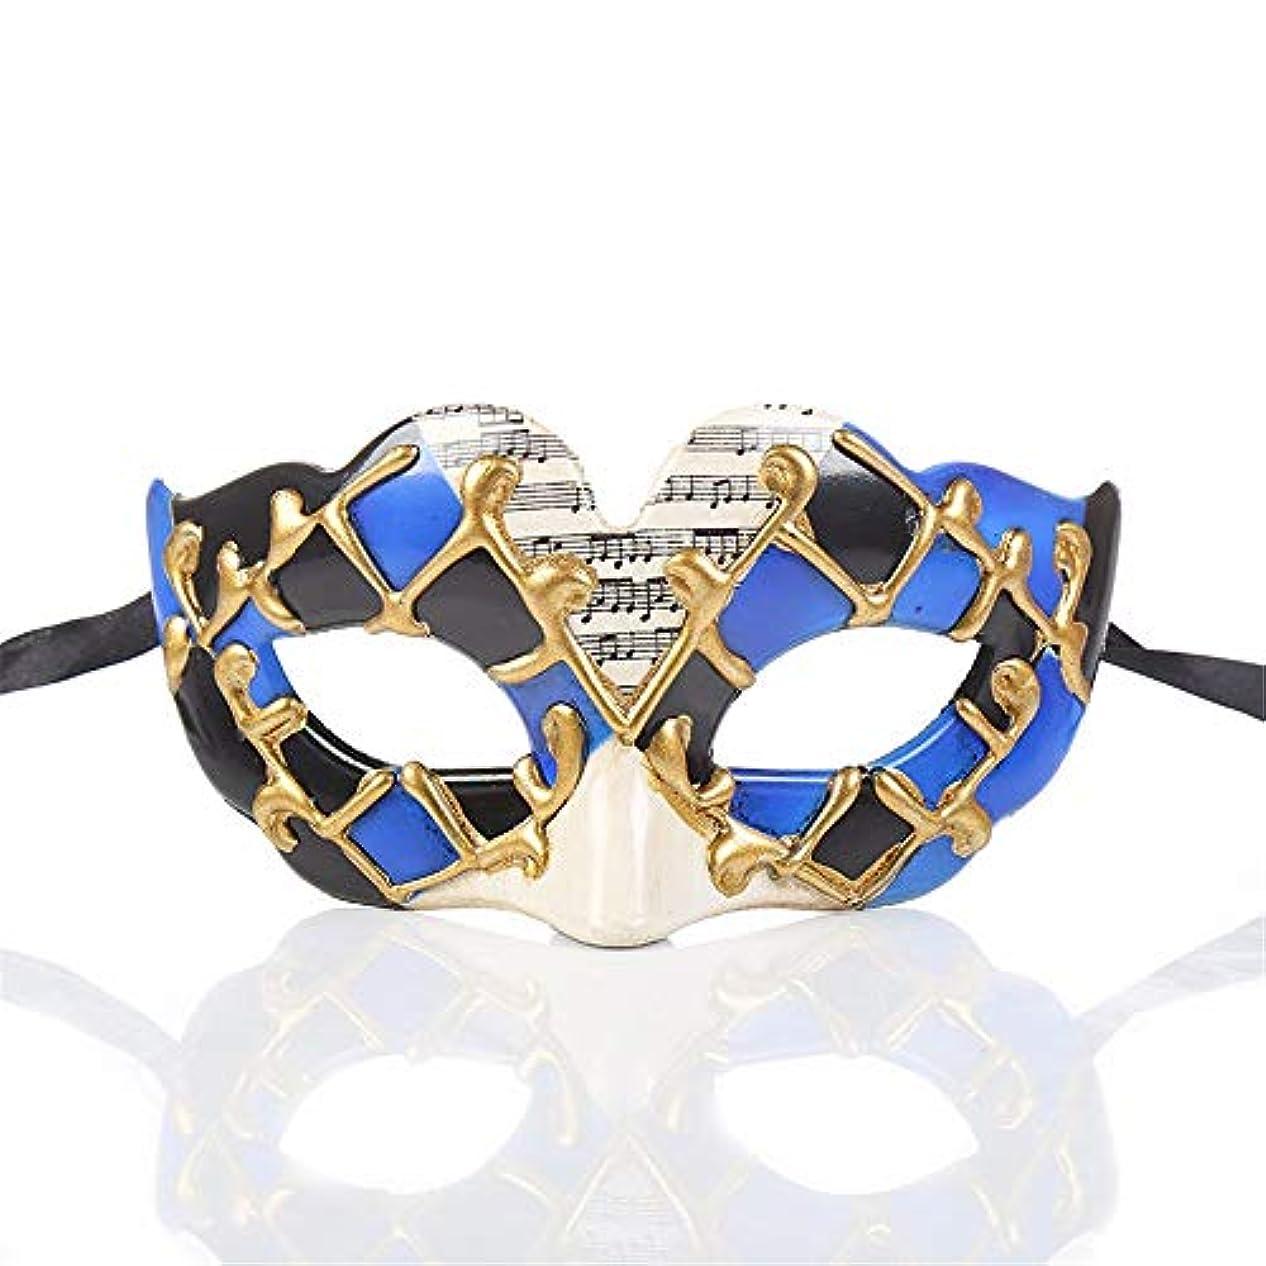 肥満主流確かめるダンスマスク パーティーCospalyマスクハロウィーンマスカレードデコレーションマスクフェスティバルプラスチックマスク パーティーボールマスク (色 : 青, サイズ : 14.5x7.5cm)